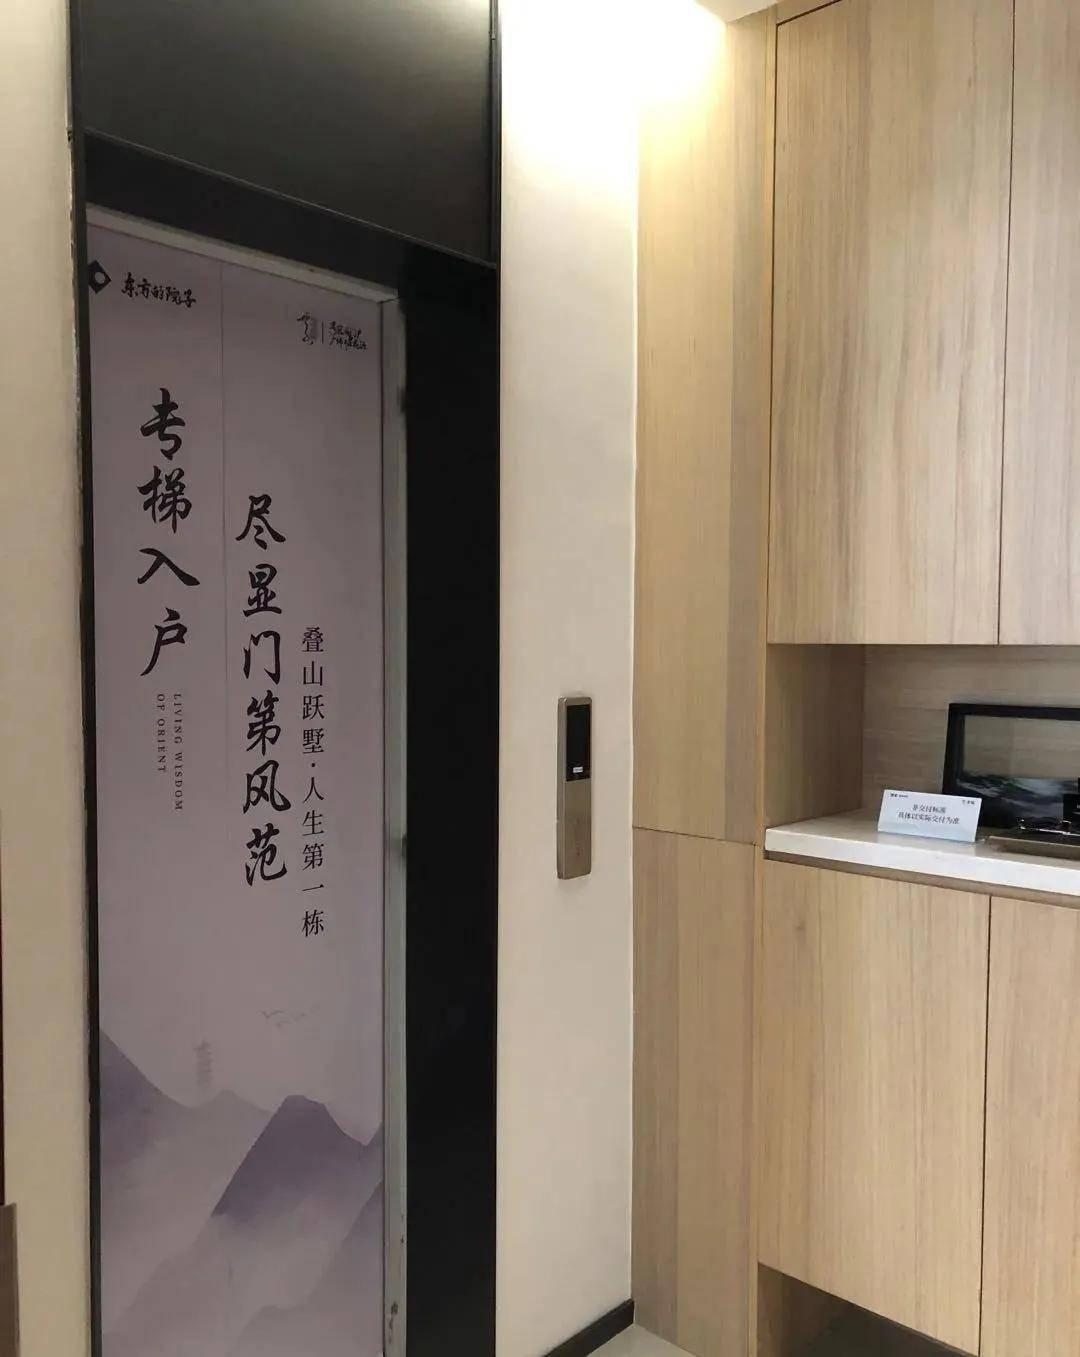 今天去江门鹤山【方圆·云山诗意】踩盘了,说说我的个人看法!